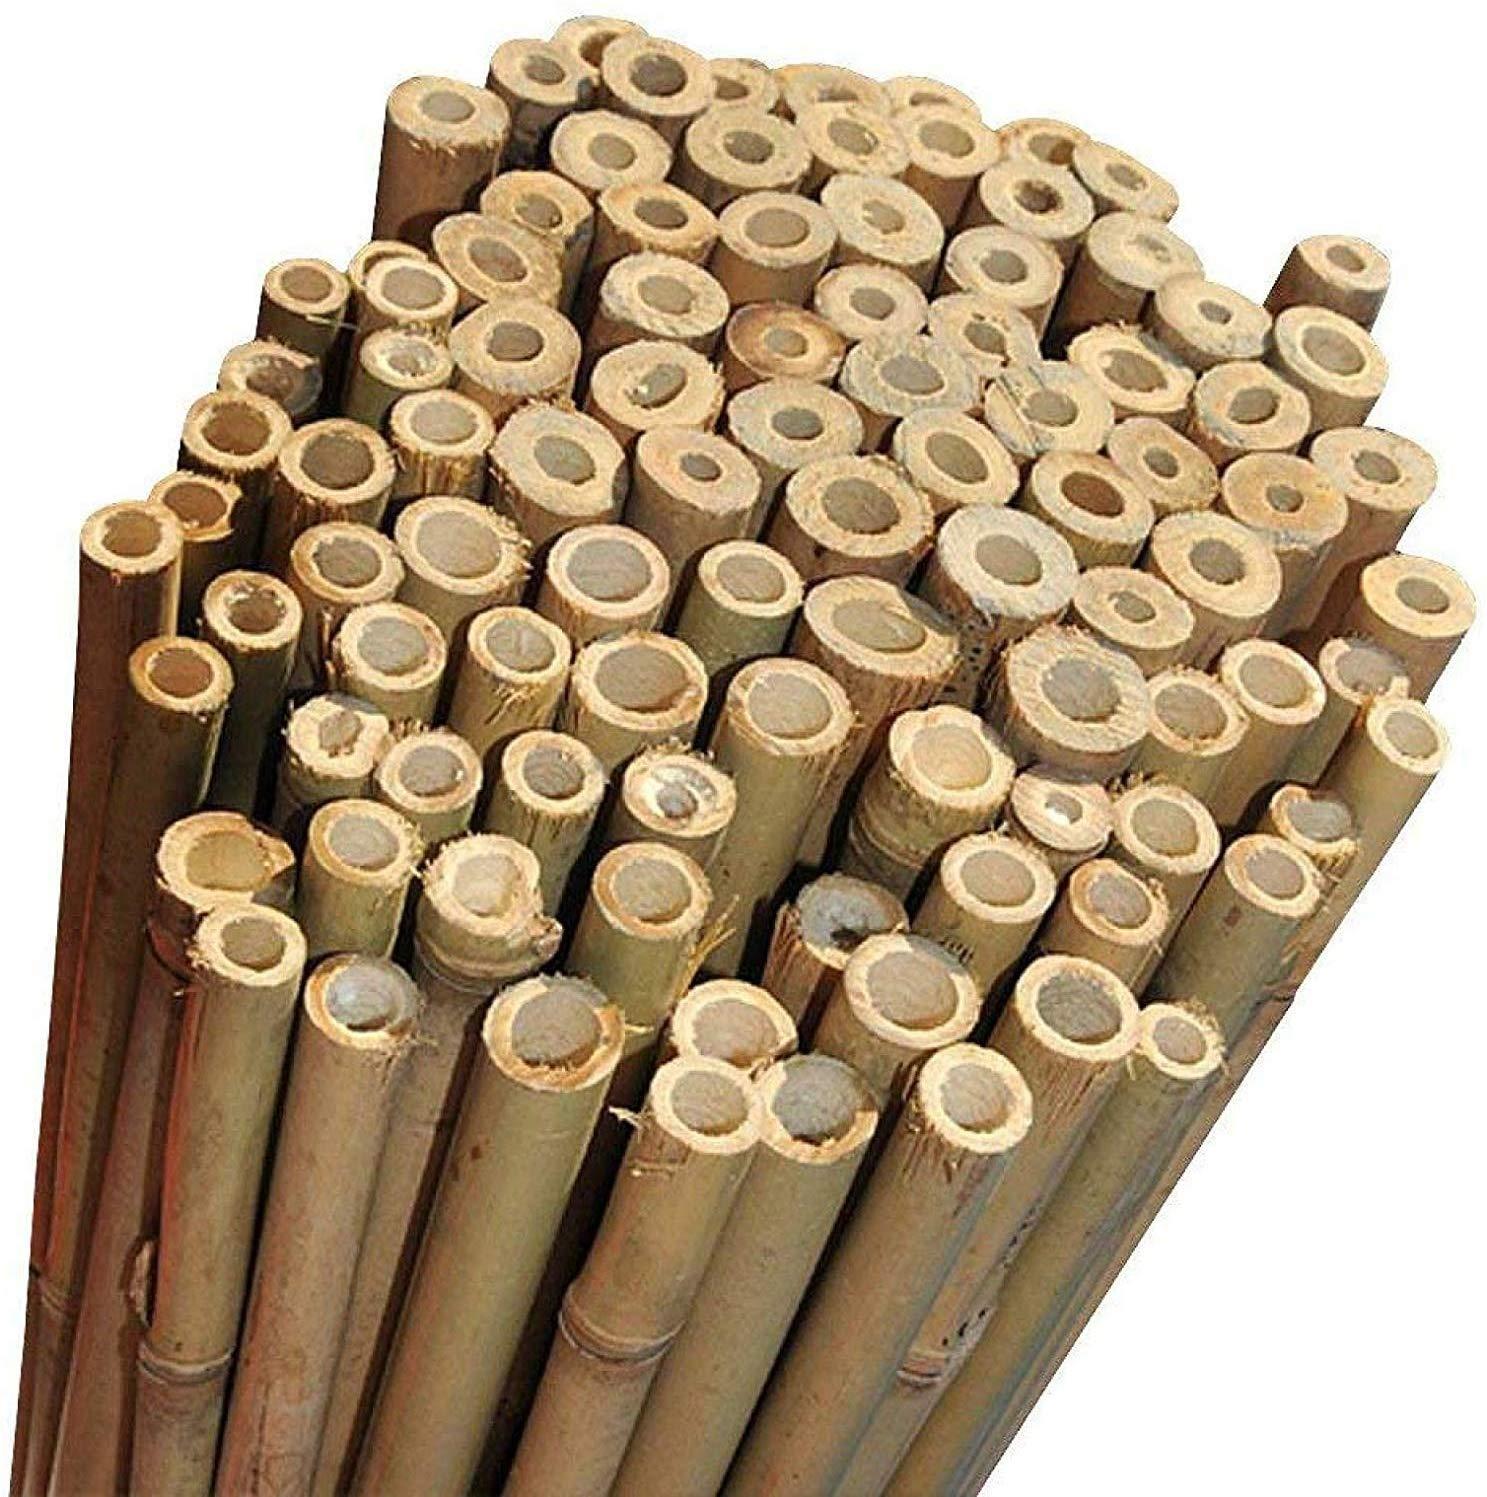 Cañas de bambú para sujetar hortalizas y otros usos, 25 unidades de 210 cm: Amazon.es: Jardín